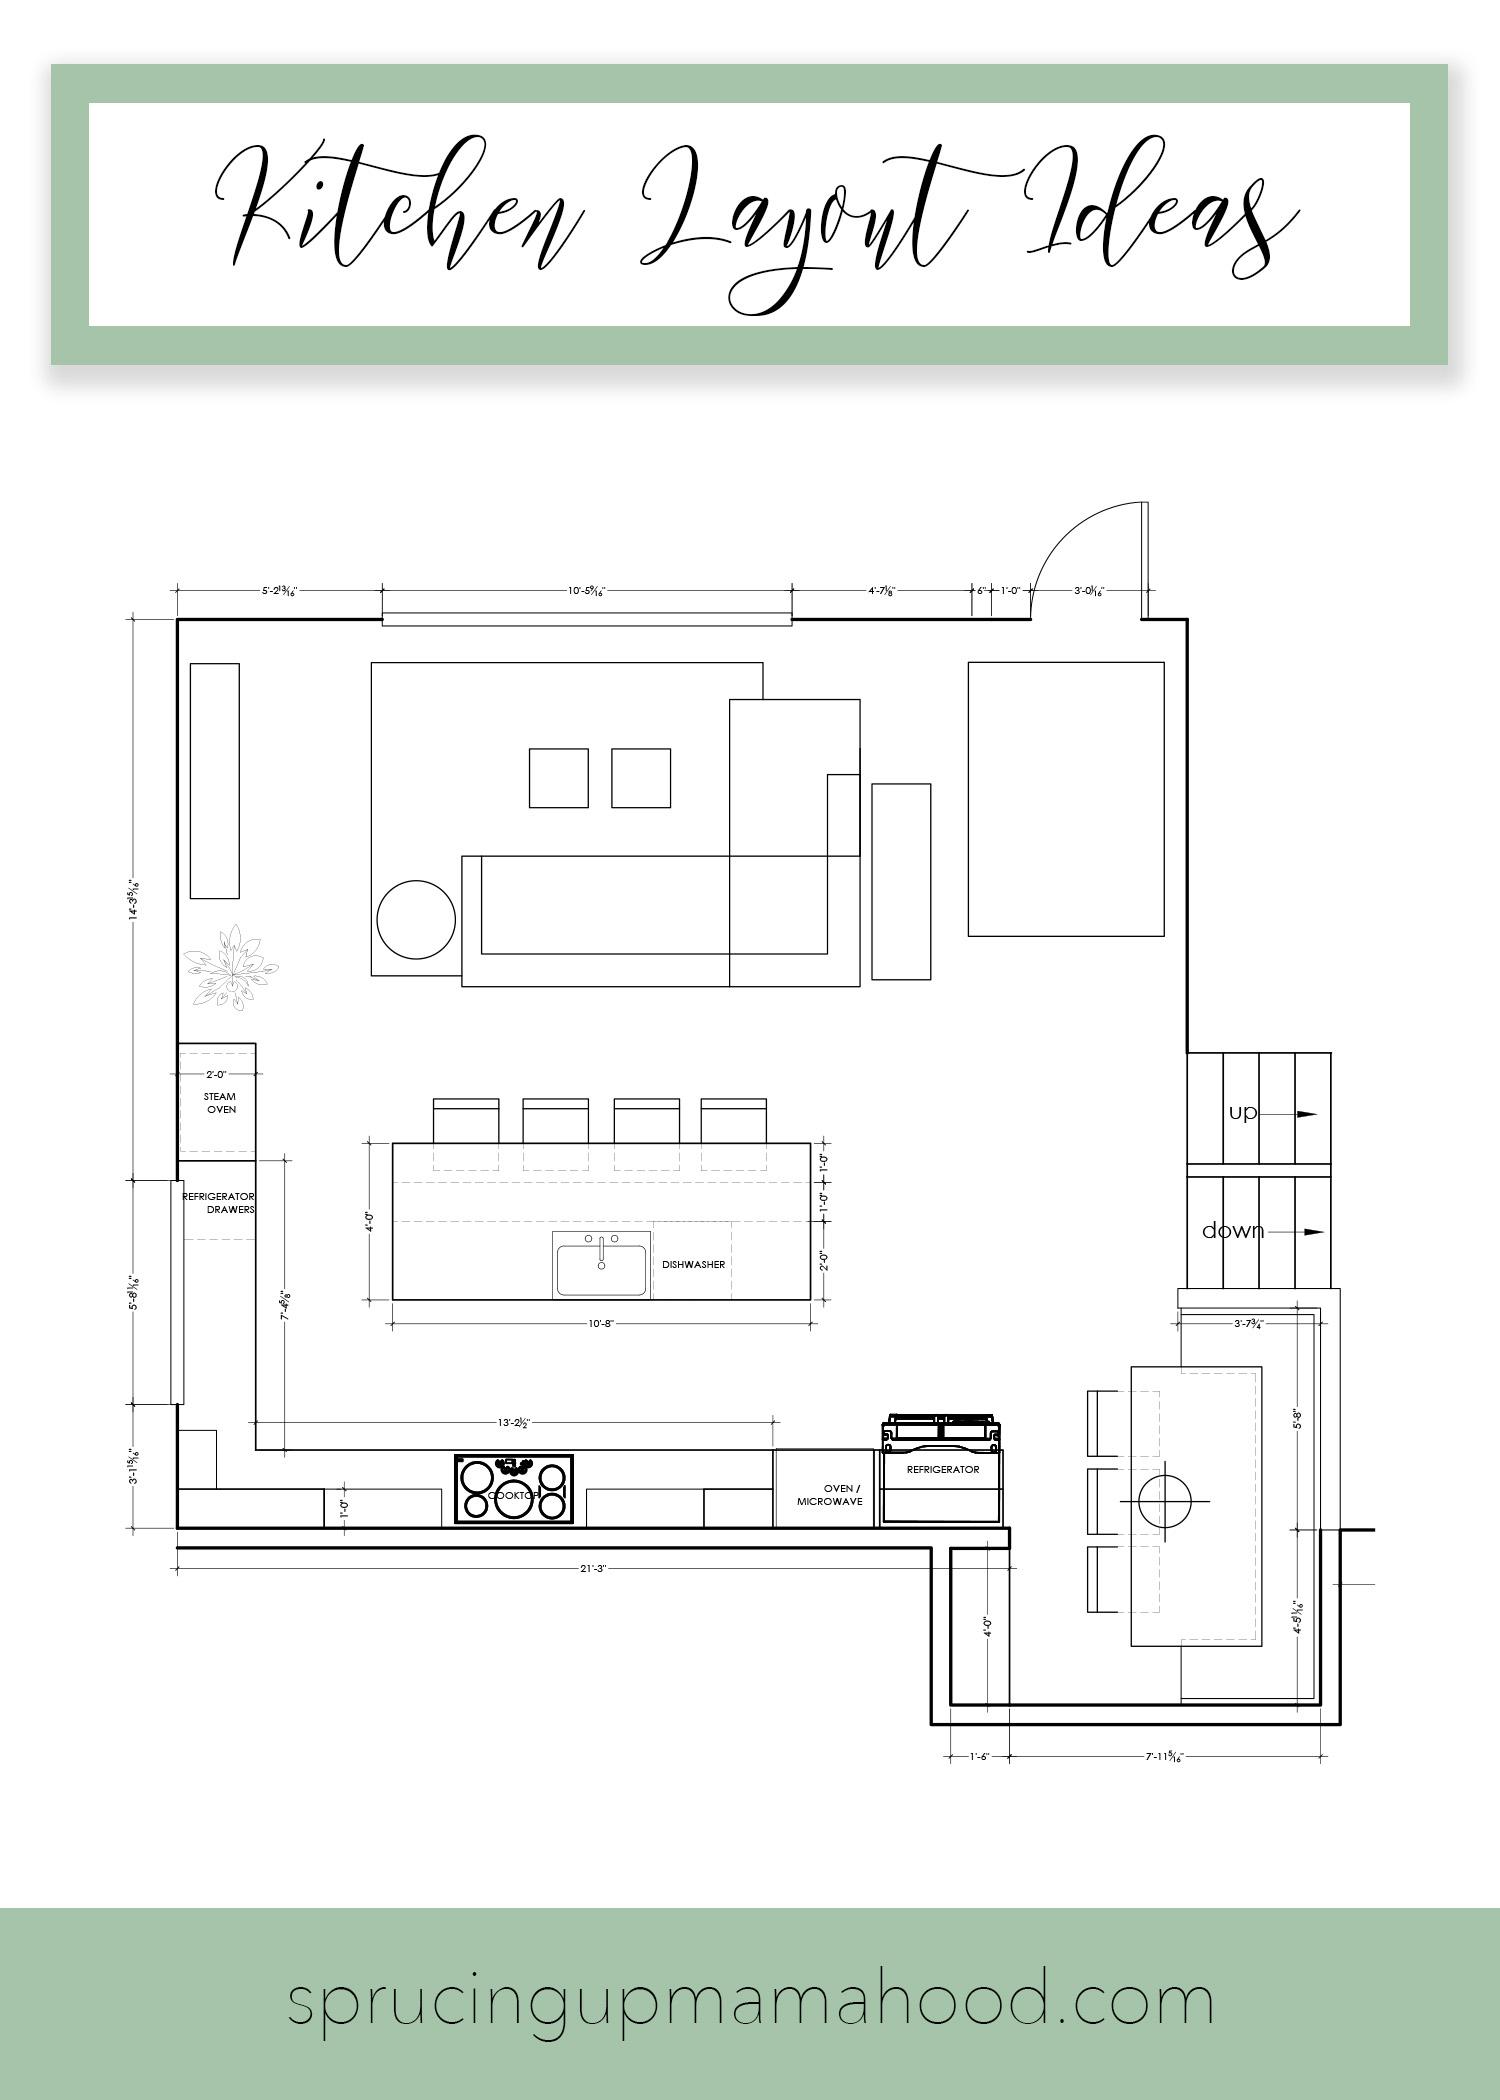 Kitchen Layout Ideas & Remodel Update